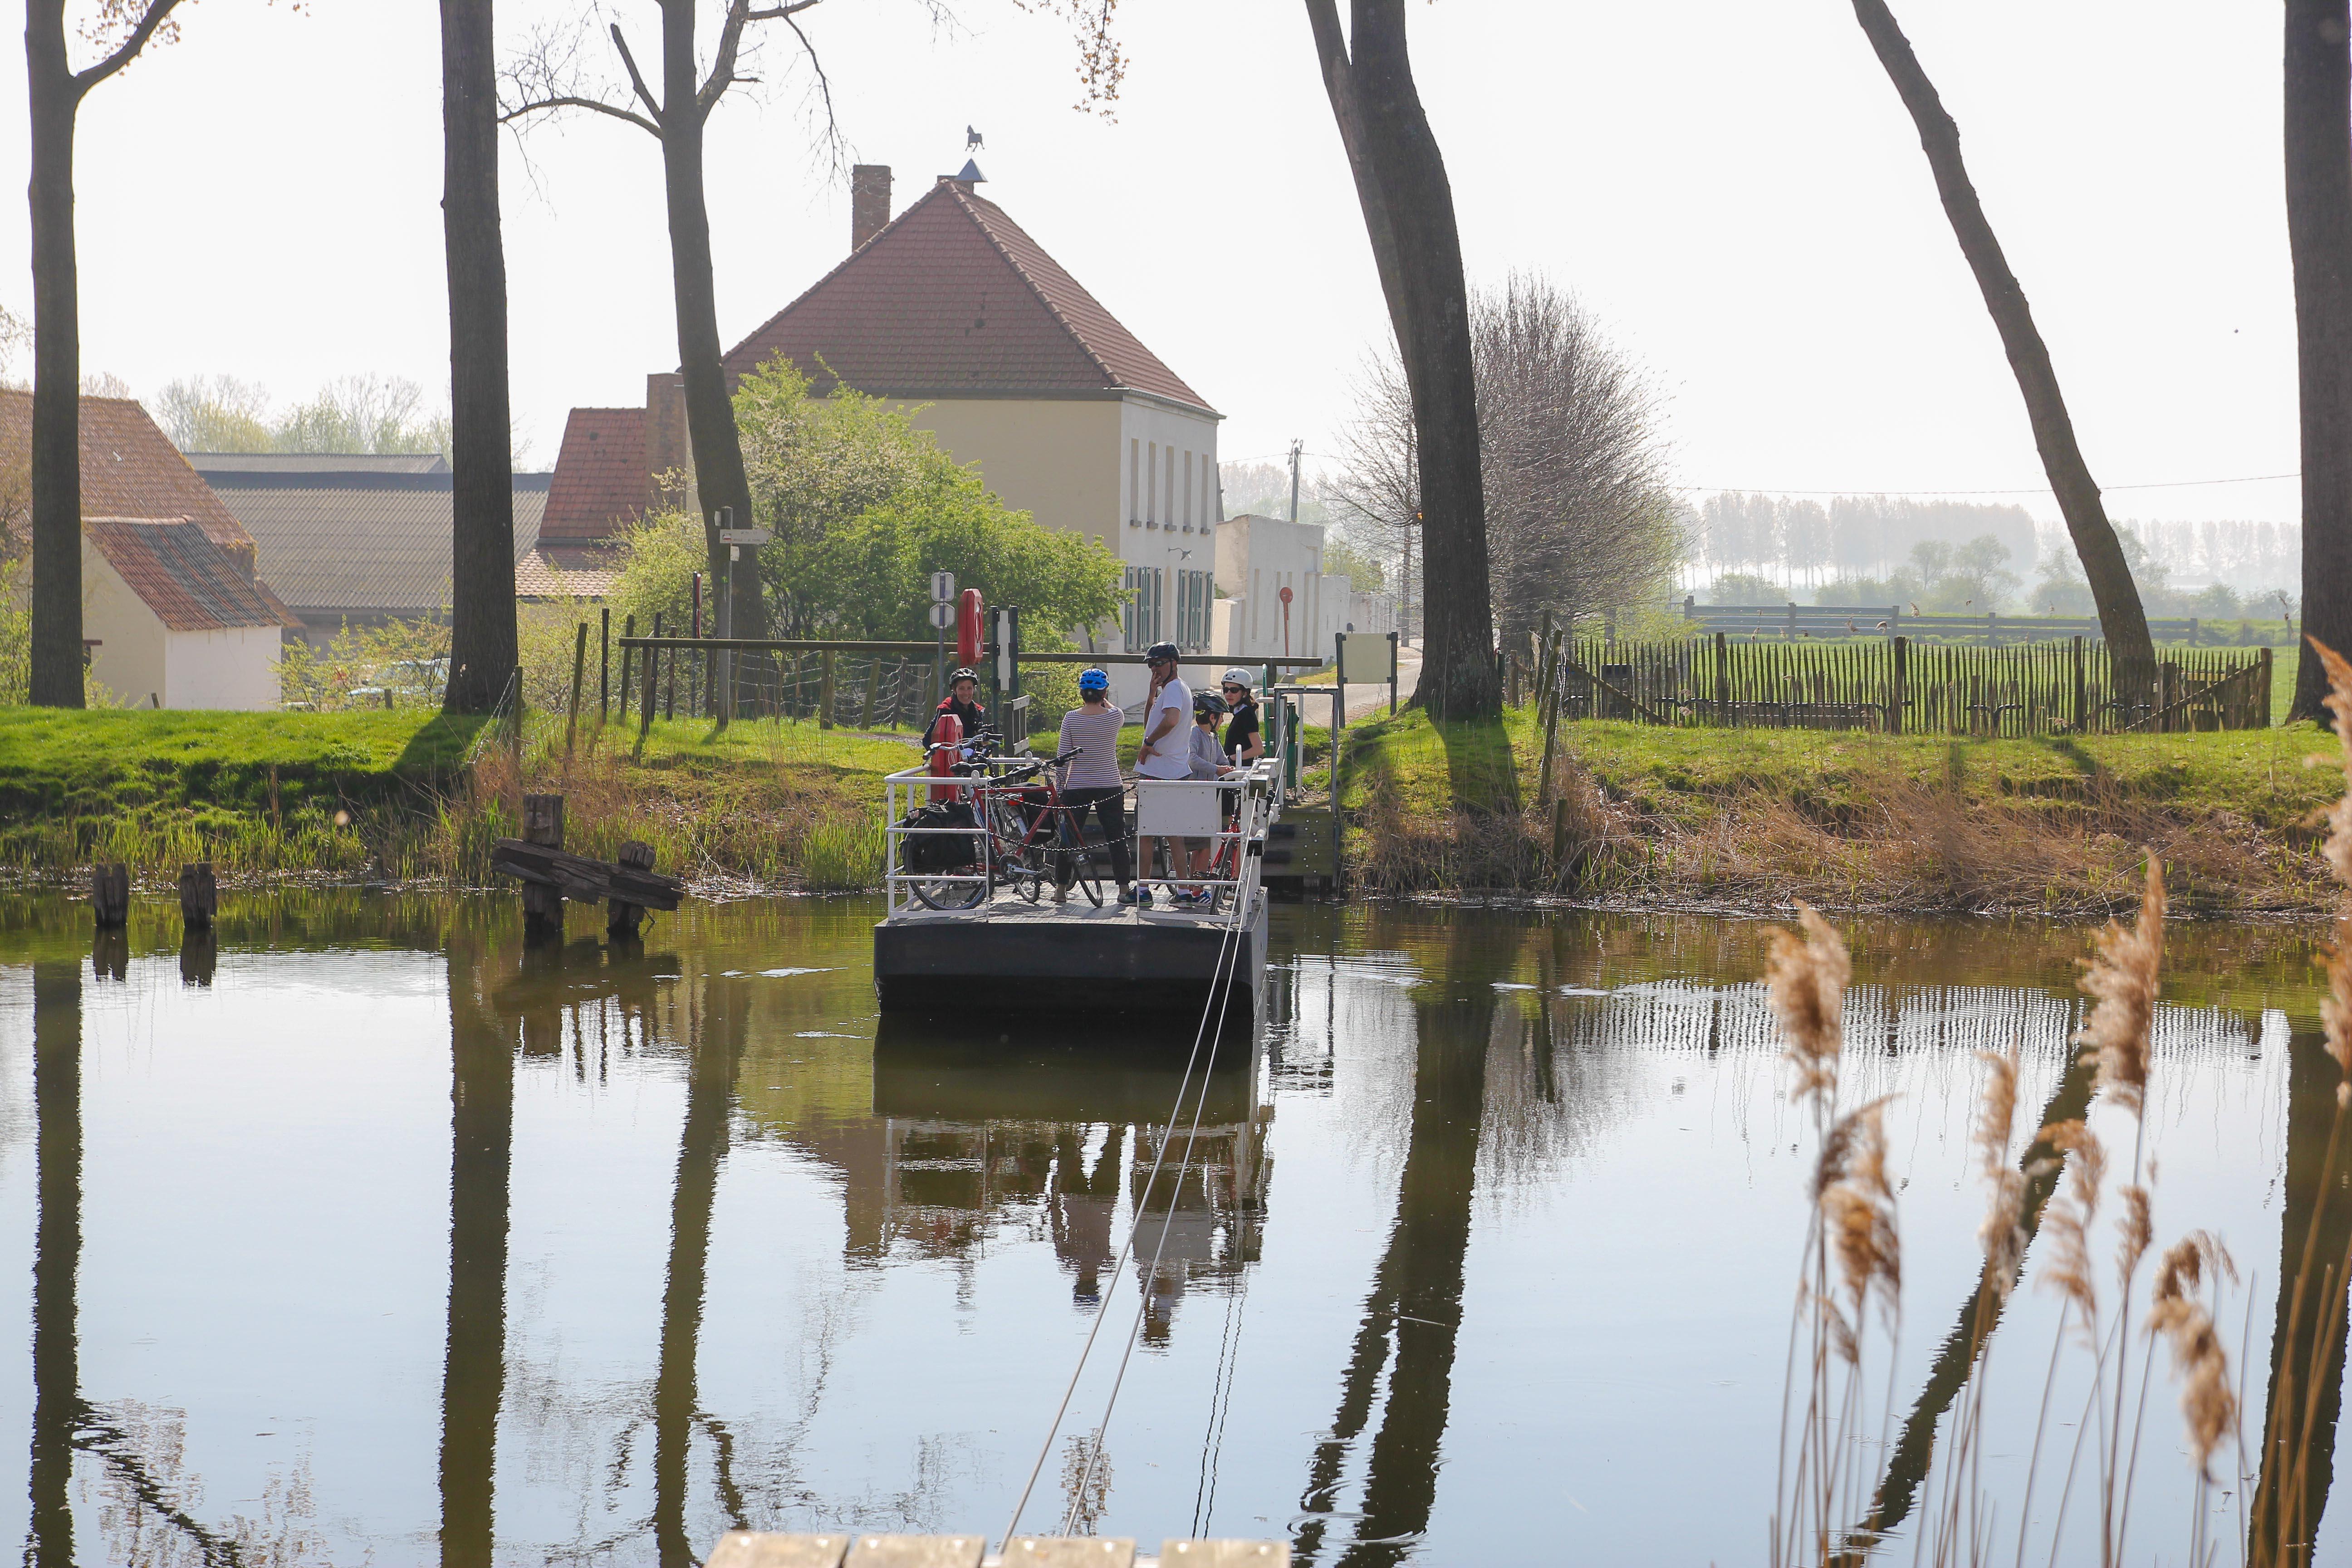 Sluis - balade à vélo entre Sluis et les palges de hollande